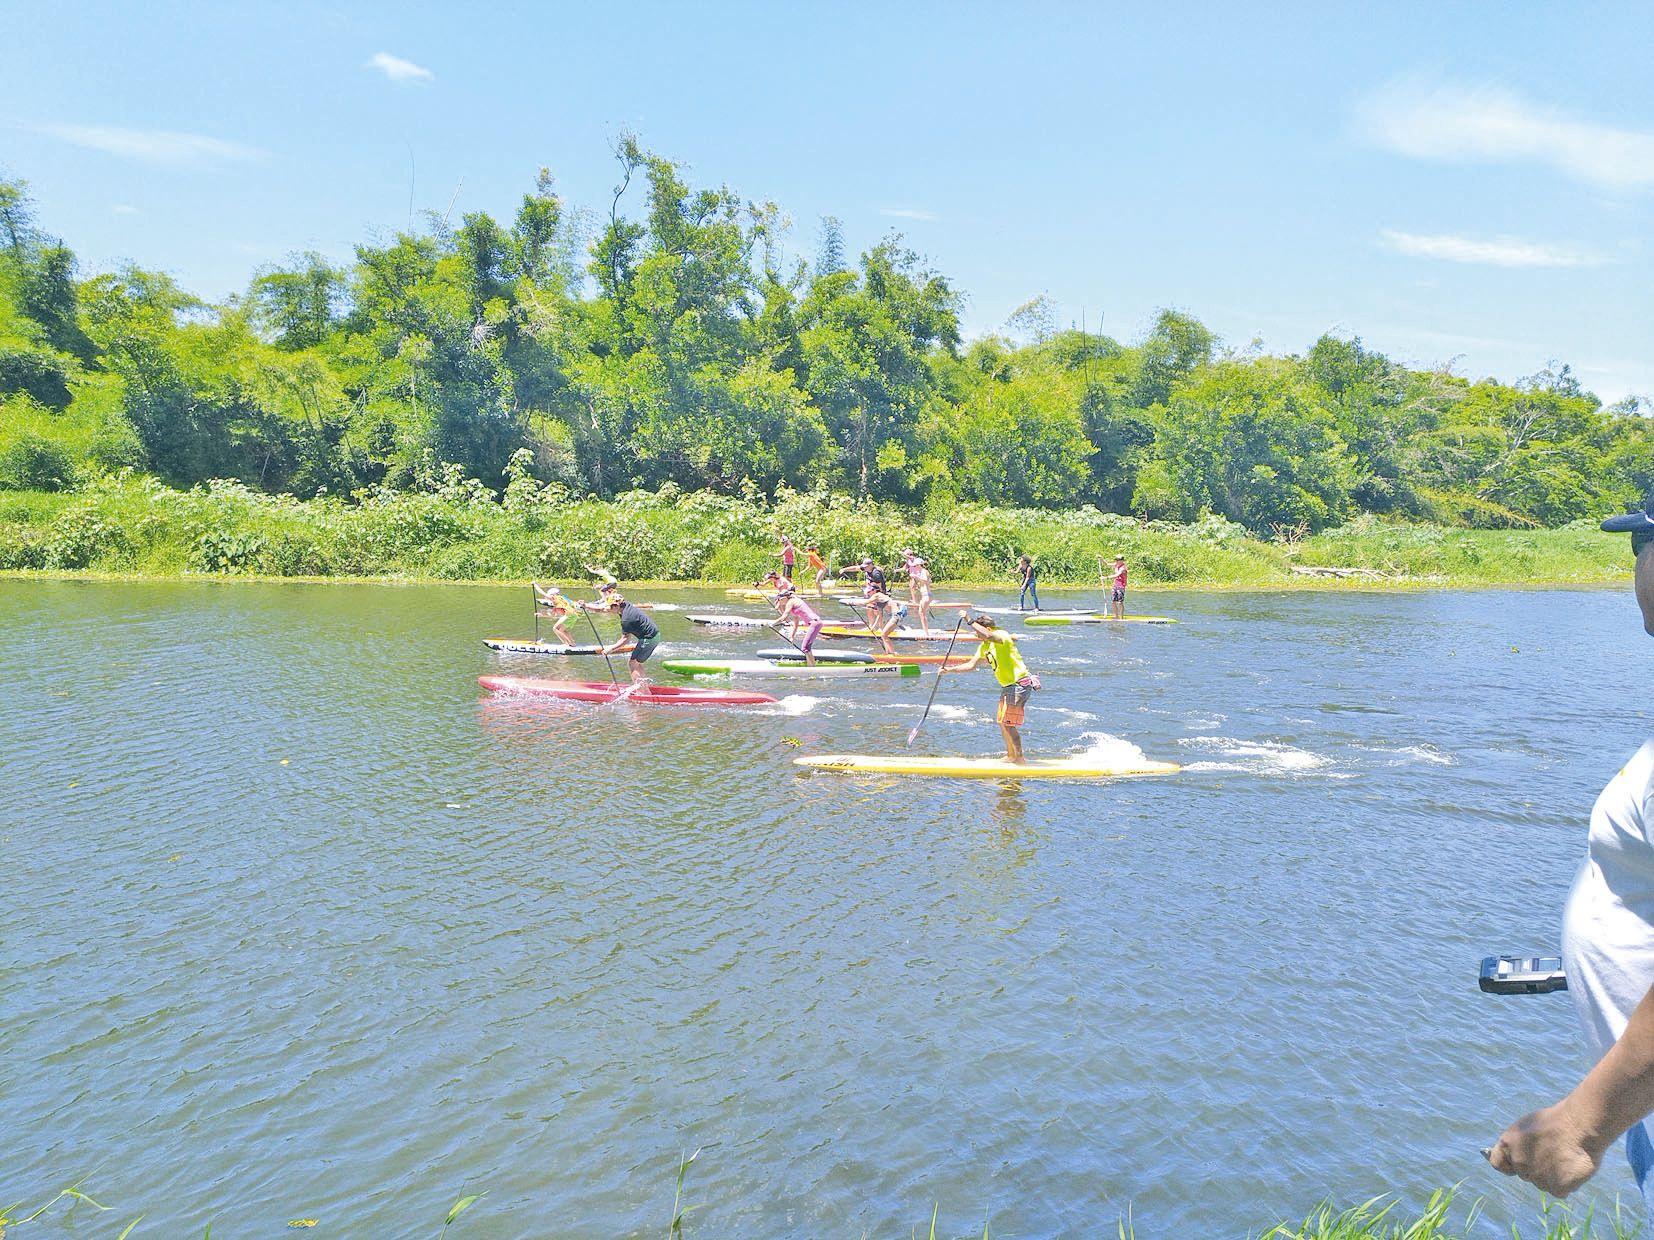 Le sport avait une place de choix ce week-end, comme ici avec la course de paddle, qui s'est déroulée samedi.